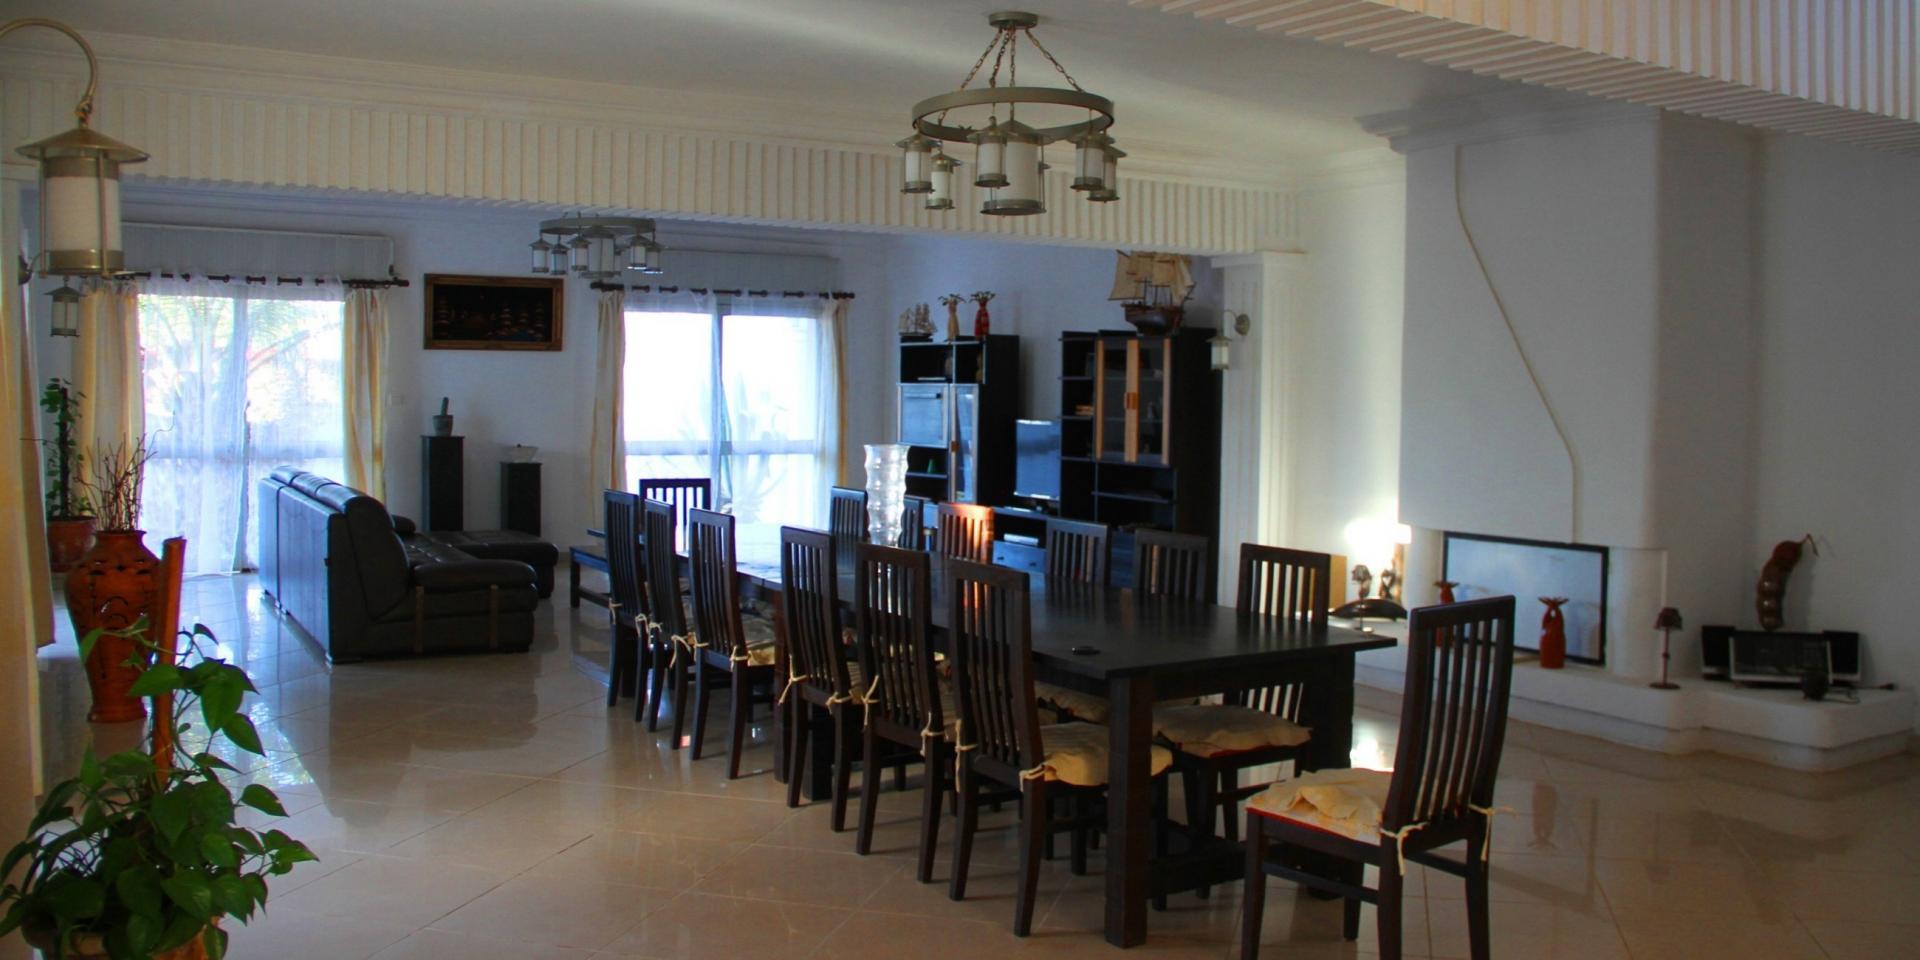 Villa antananarivo living